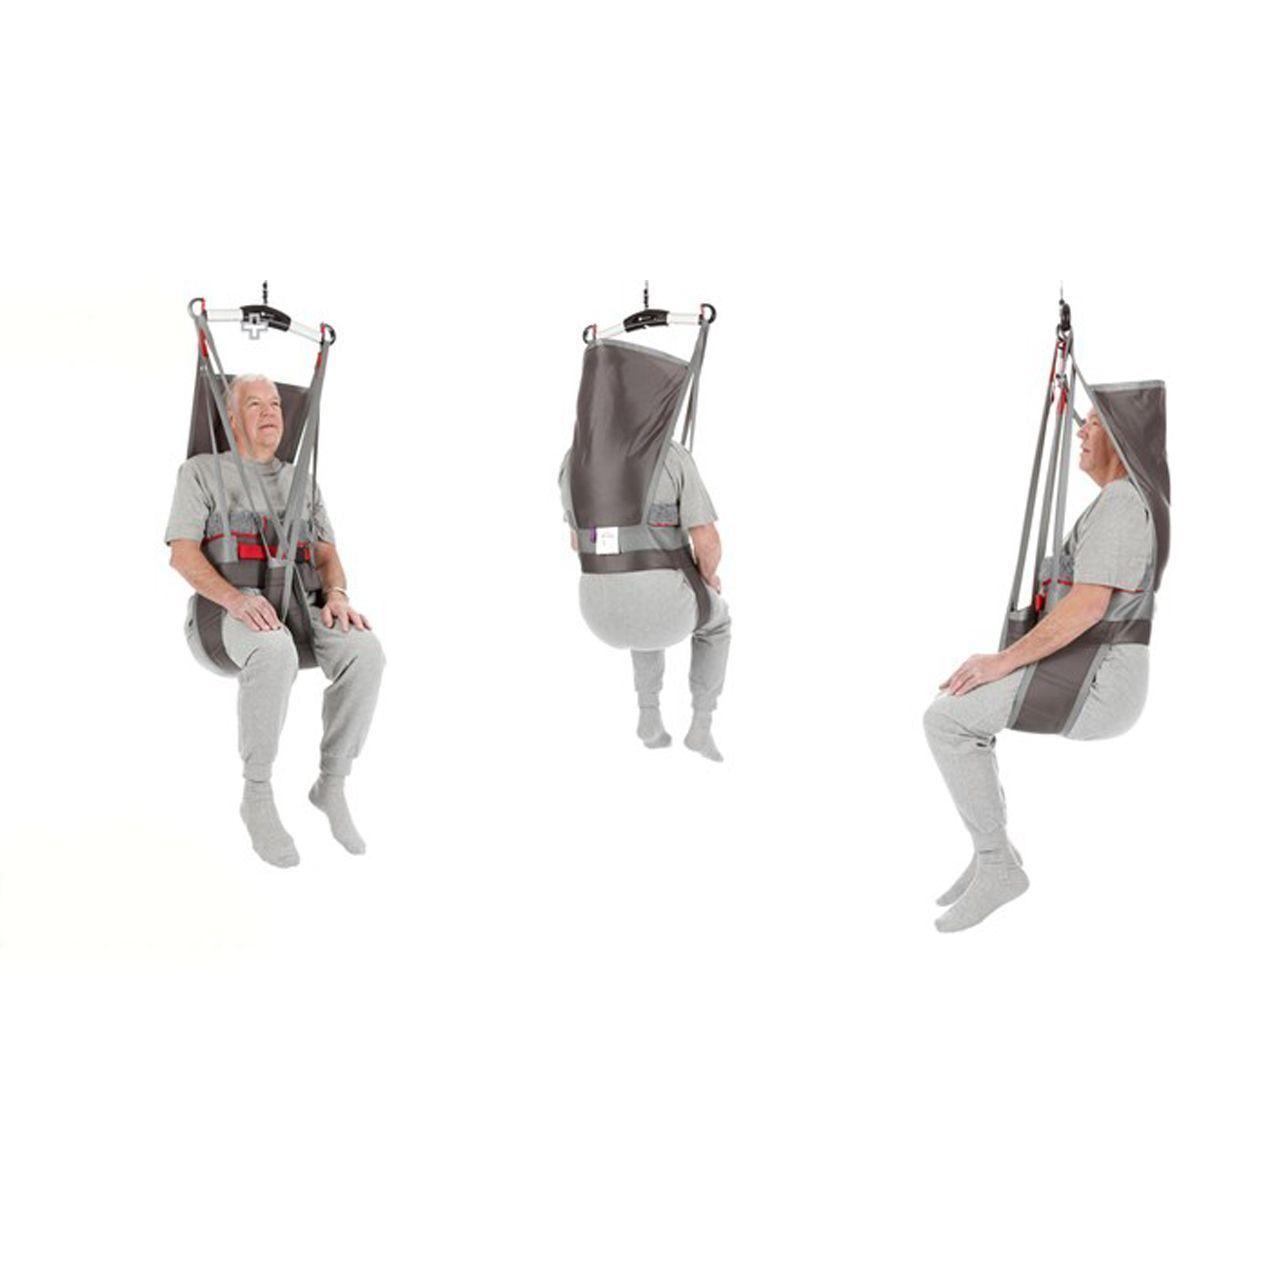 Hygiene-sling-tilbanden-tillen-artnrnnb_0002s_0002_trio_1